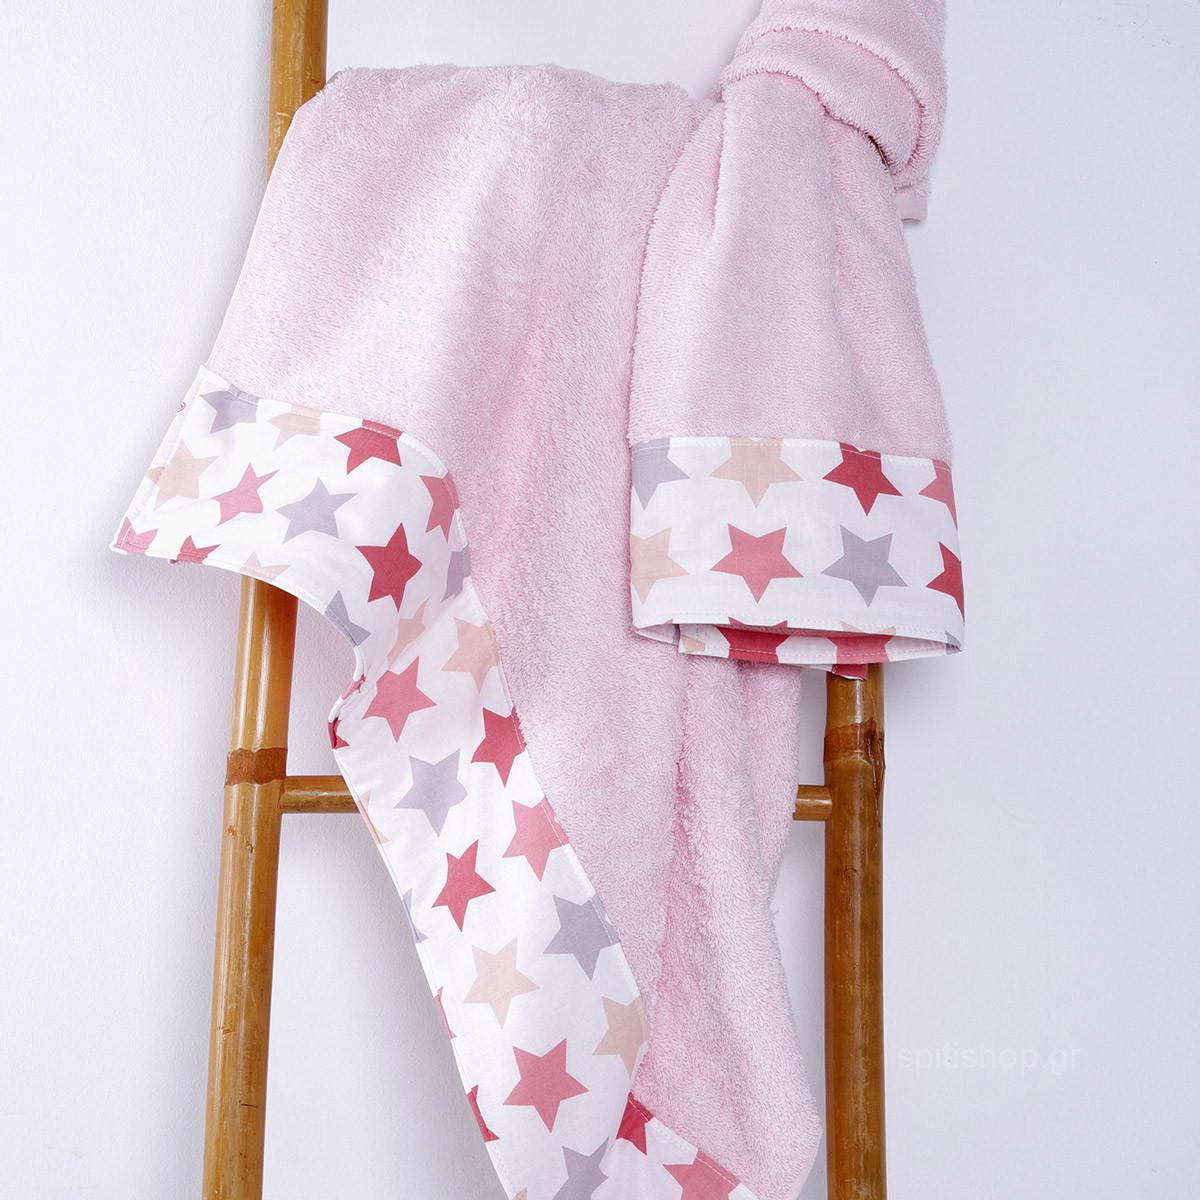 Βρεφικές Πετσέτες (Σετ 2τμχ) Sb Home Baby Stars Pink